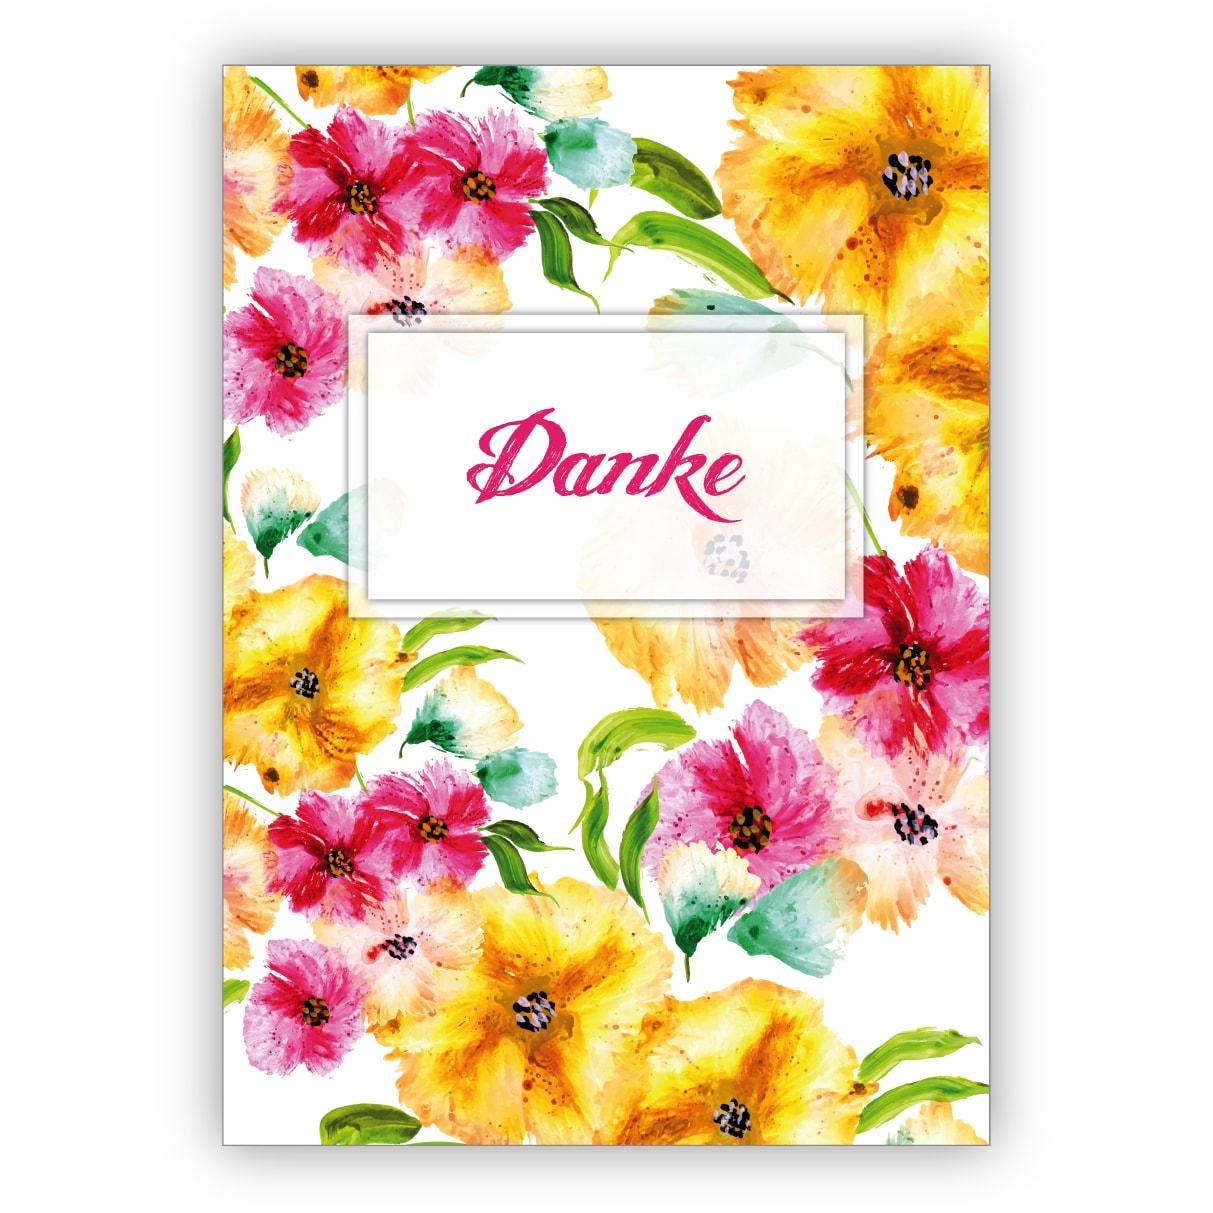 Elegante Dankes Karte Mit Wunderschönen Sommer Blüten Zum Bedanken: Danke in Dankes Karten